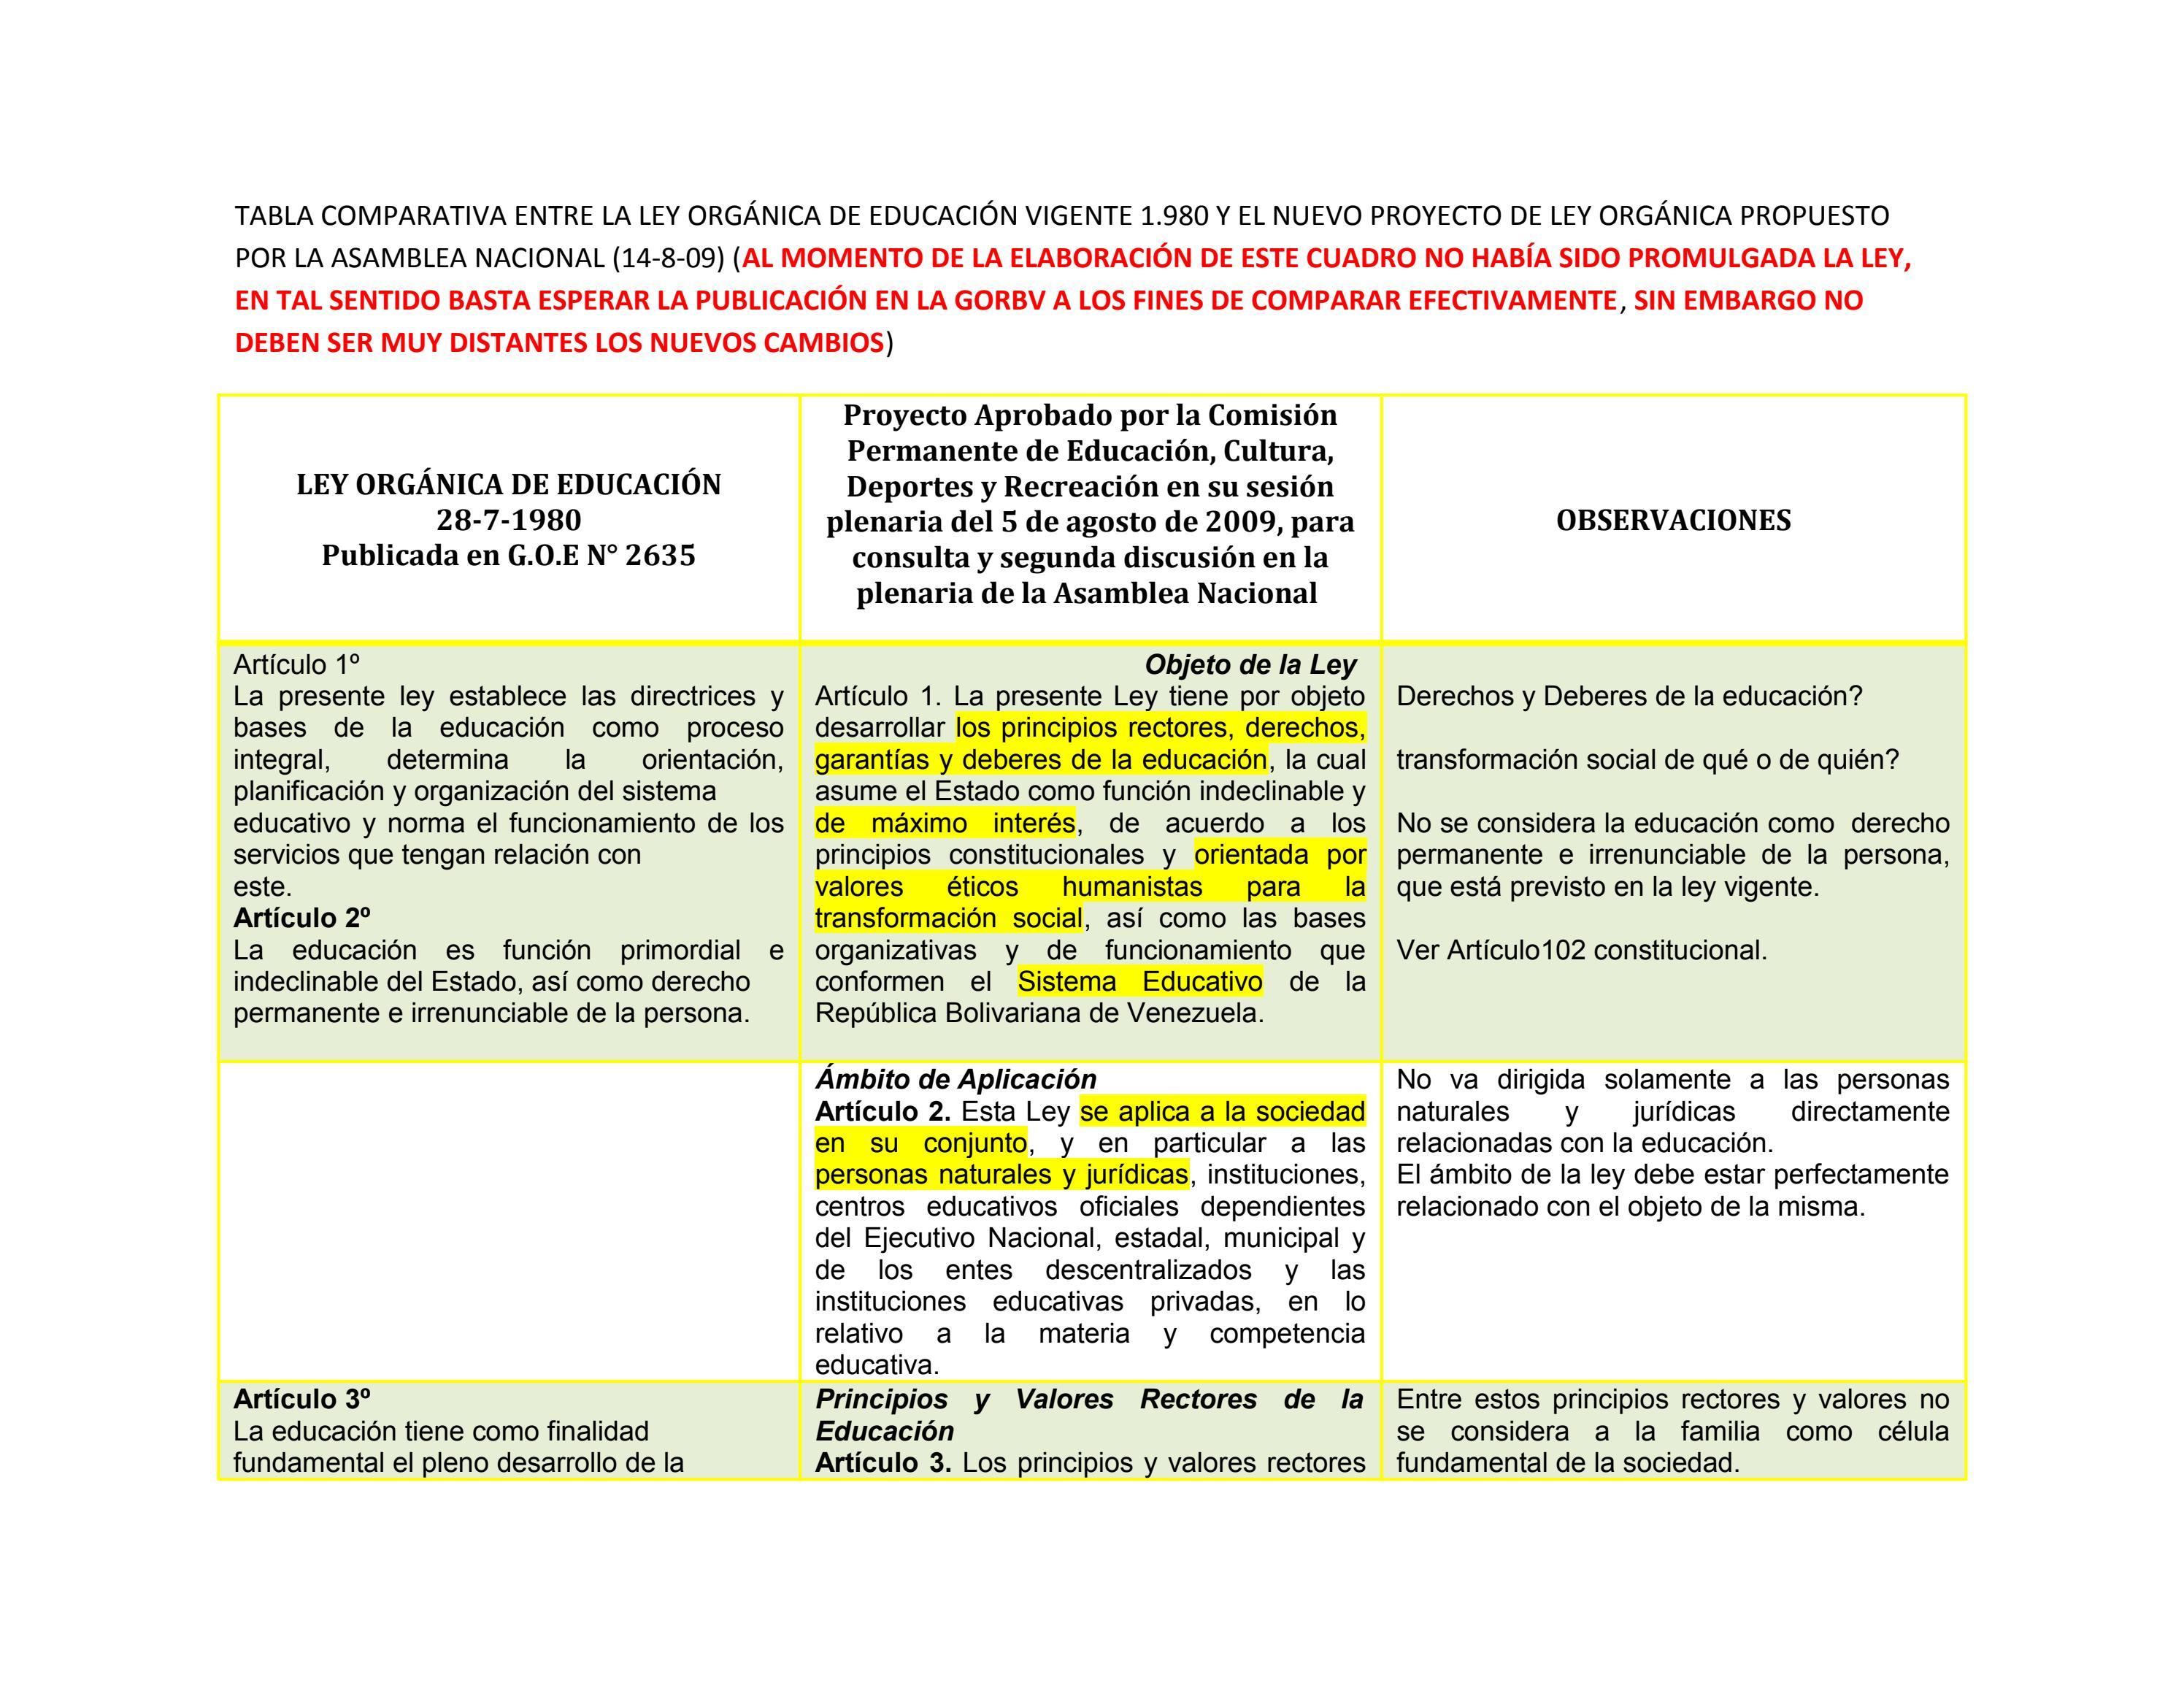 Cuadro comparativo ley org nica de educaci n by francisco for Que es un articulo cultural o de espectaculos